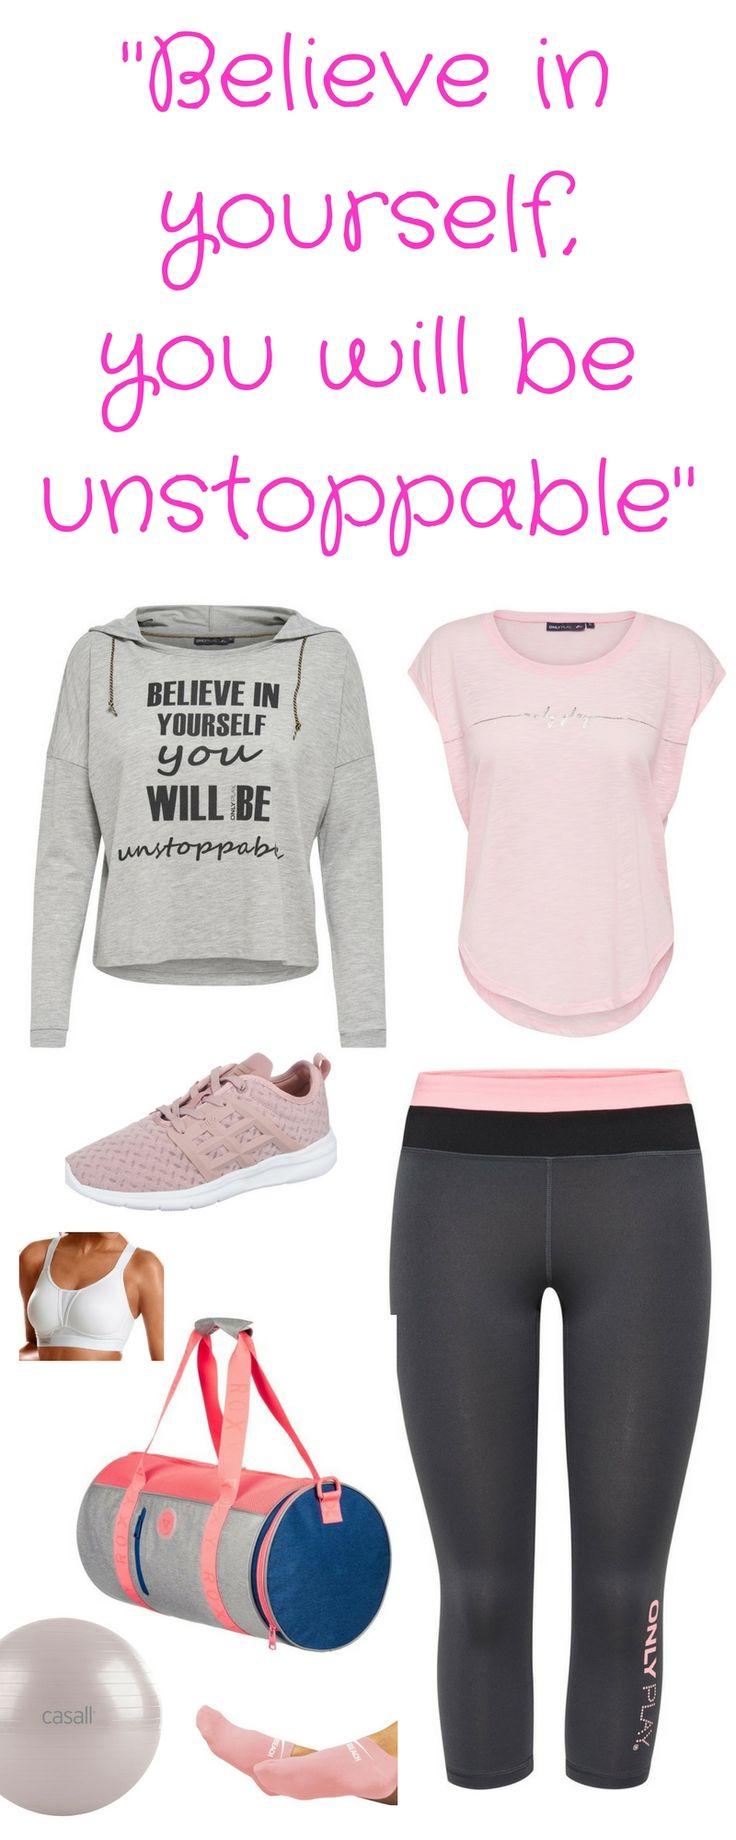 """Fitness-Outfit für Frauen – """"Believe in yourself you will be unstoppable"""" Sport-Shirt in rosa, grauen Kapuzen-Pullover mit Motivations-Spruch, Workout-Schuhe, Capri-Leggings, Gymnastikball von Casall, Sport-BH, Sport-Tasche und Füßlinge"""